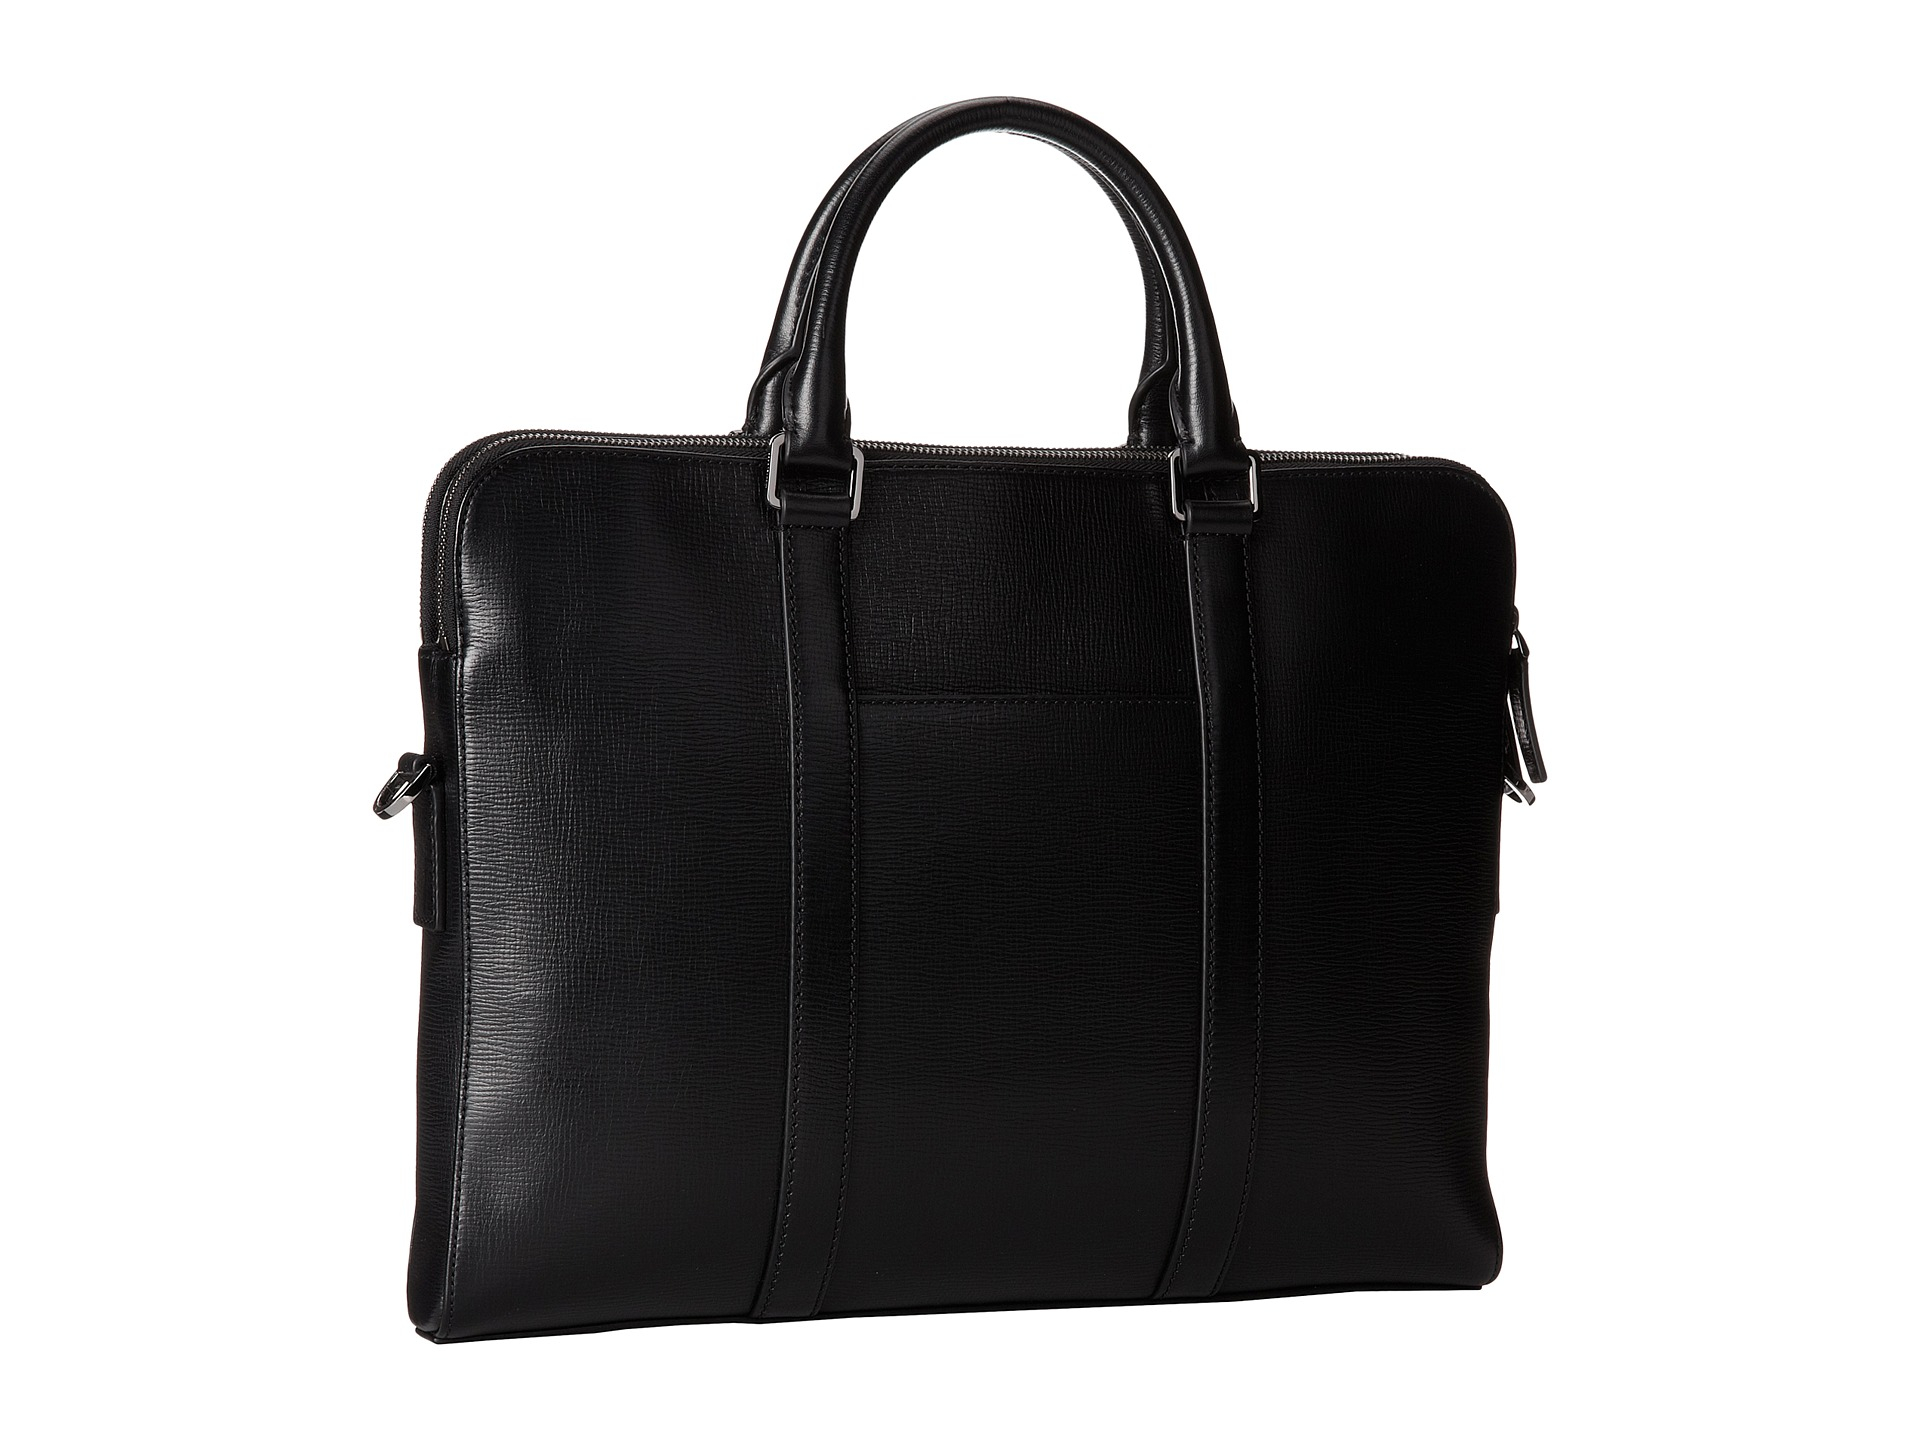 8dee1f580 Michael Kors Warren Double Zip Briefcase in Black for Men - Lyst